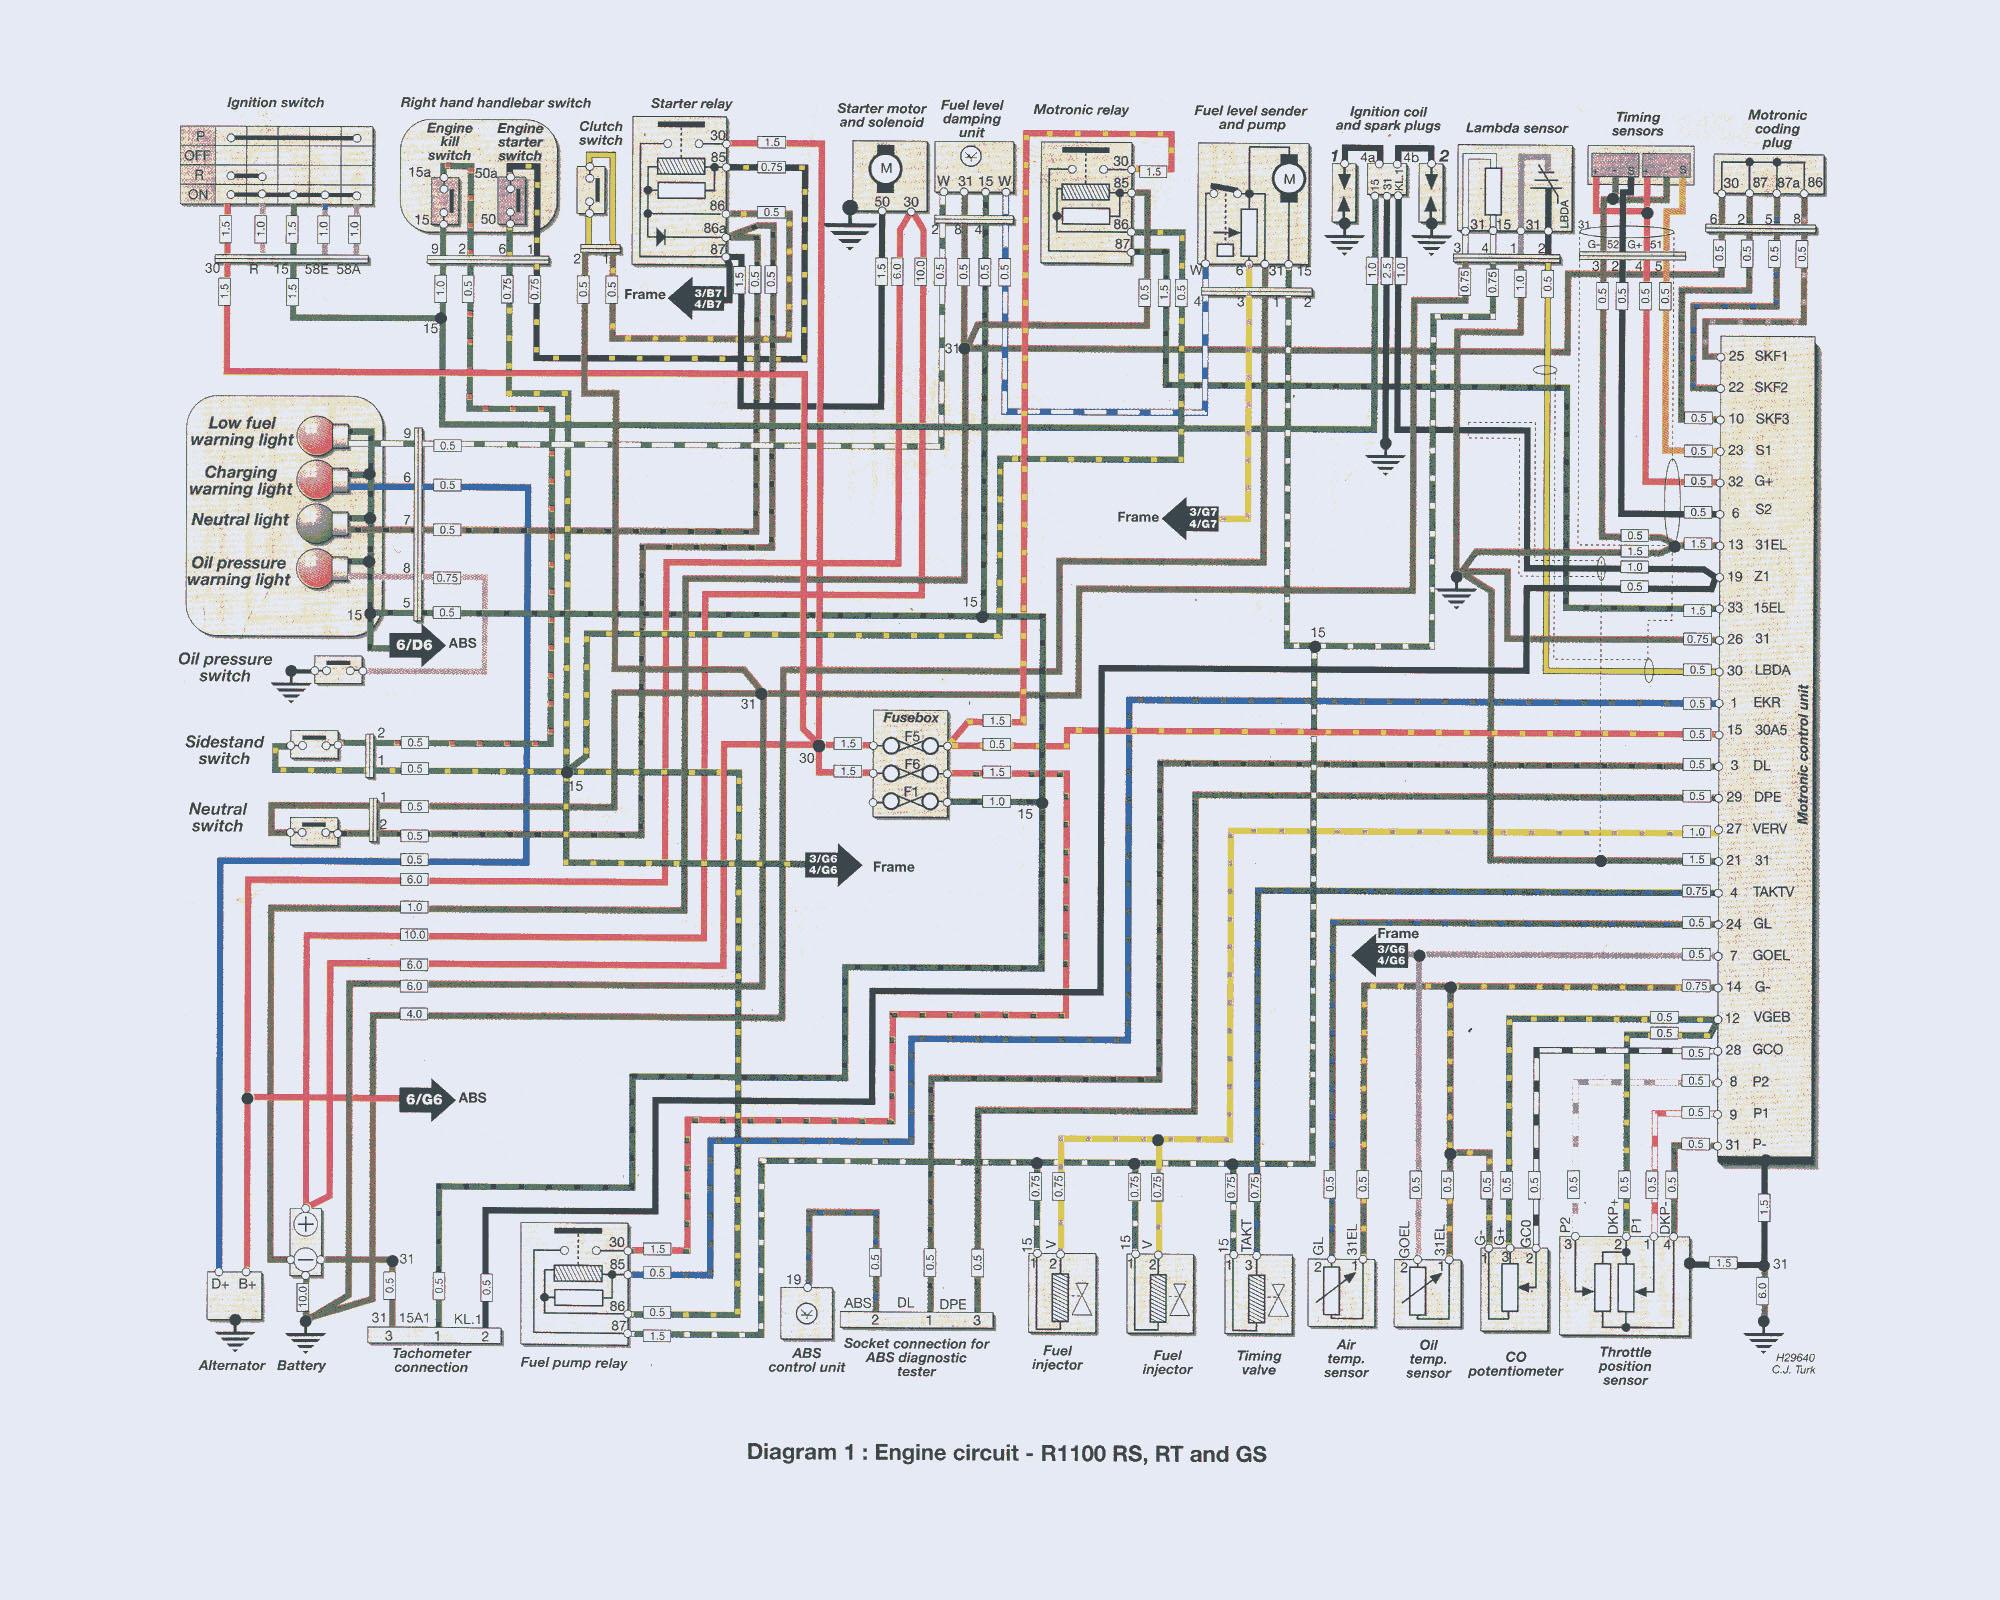 hight resolution of wiring diagram bmw r1100gs wiring diagram list 1994 bmw r1100rs wiring diagram bmw r1100r wiring schematics